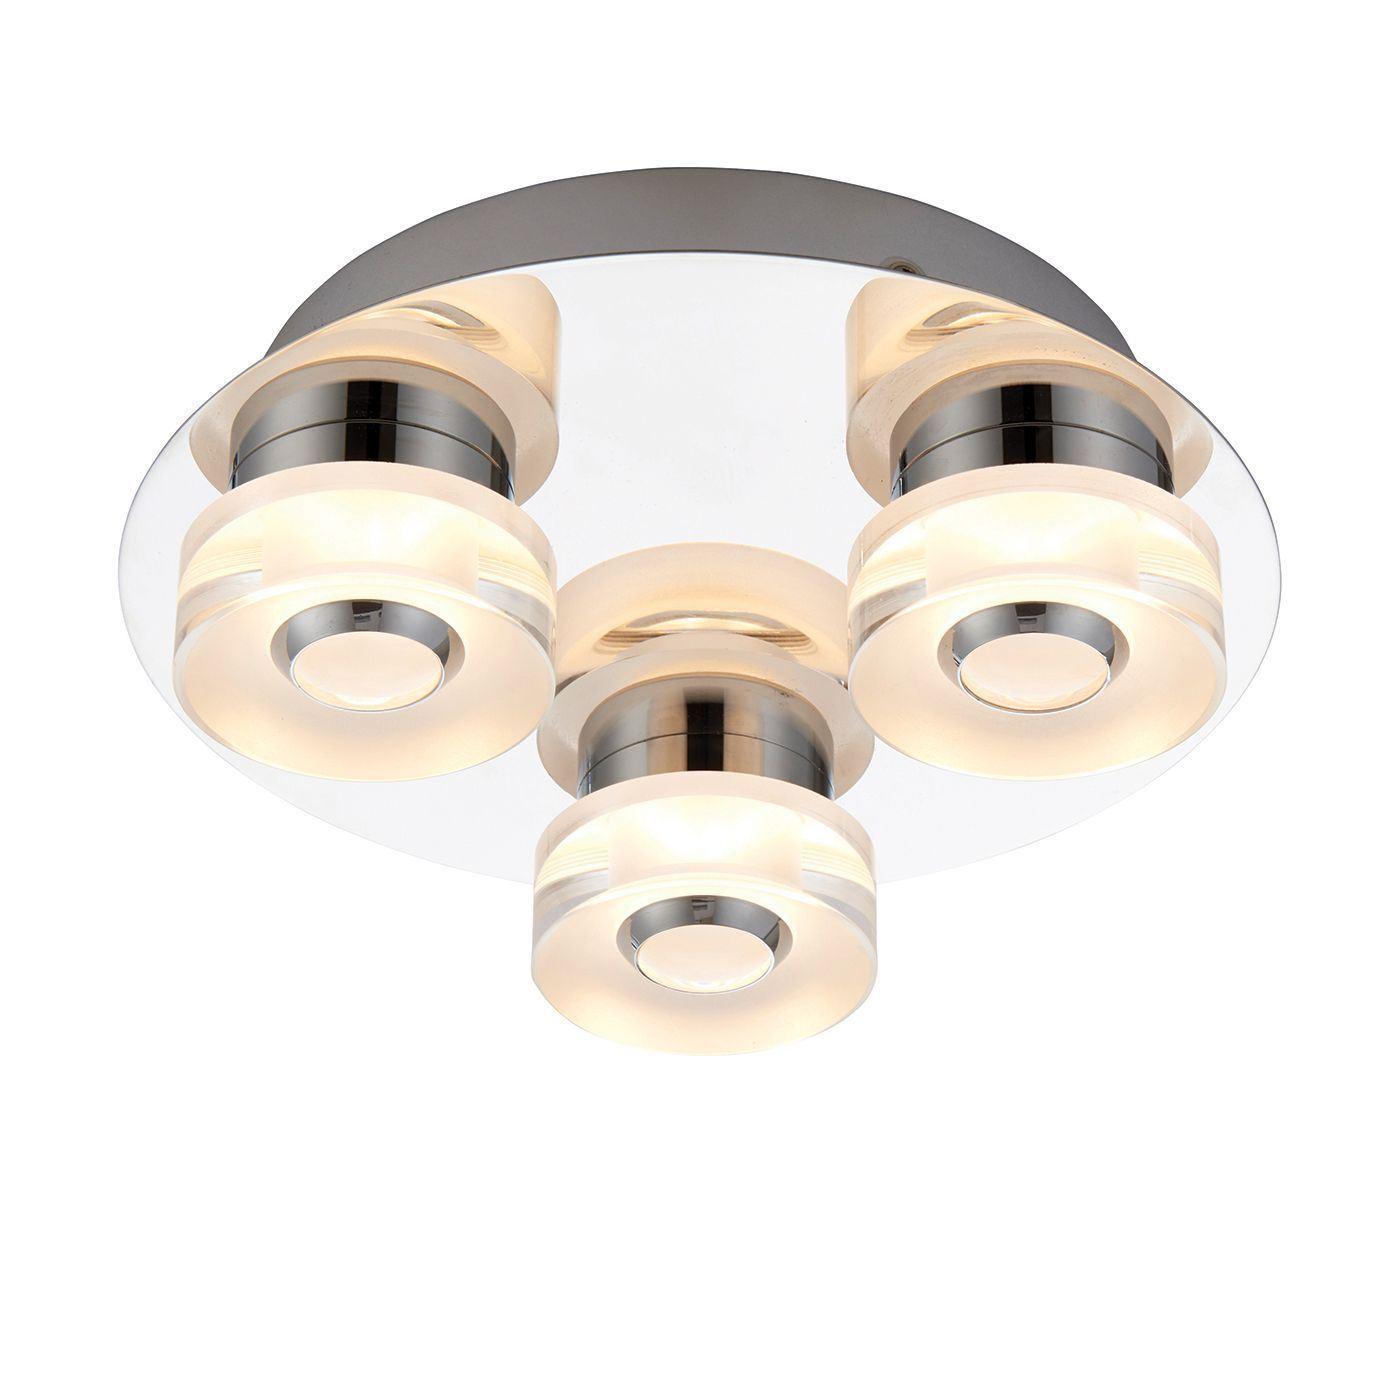 Endon Lighting Rita 3lt encastré IP44 4.5 4.5 4.5 W & 0.45 W SW 68911   De Haute Qualité Et De Bas Frais Généraux  266566